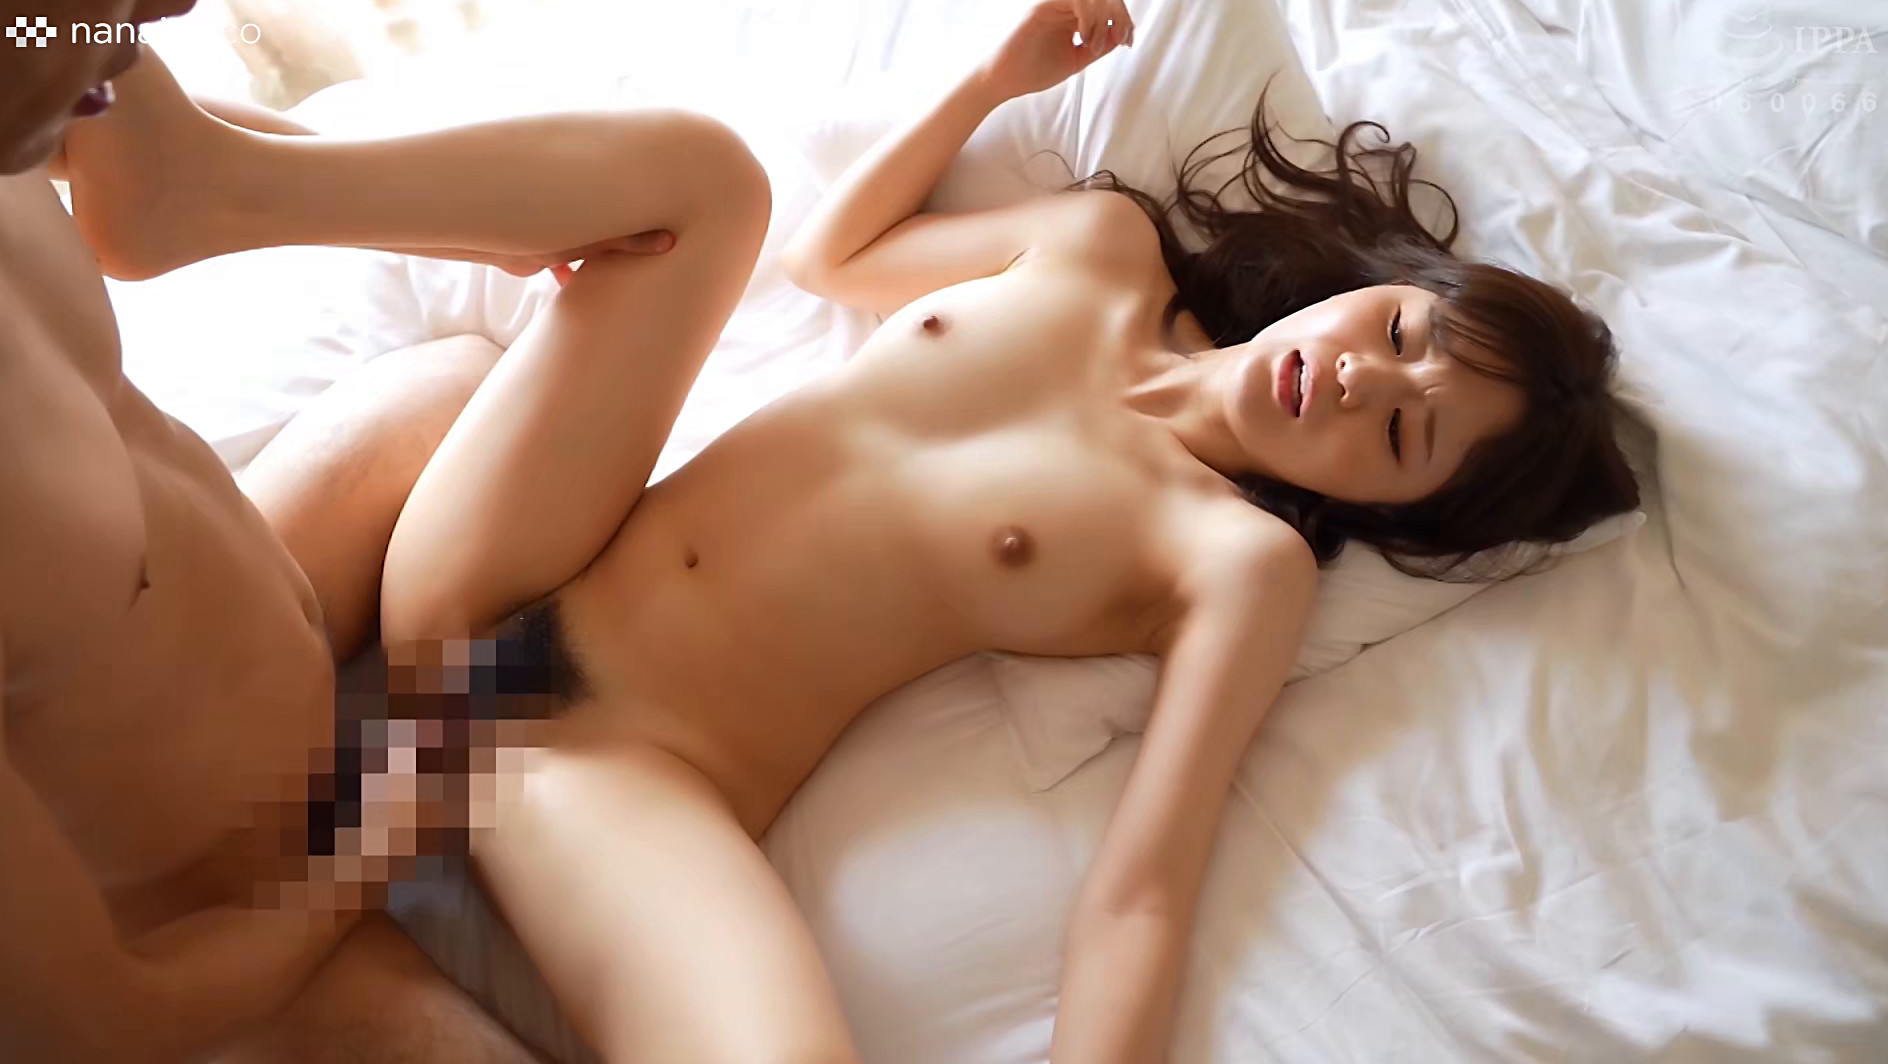 S-Cute のの(24) S級美少女のハニカミH 画像19